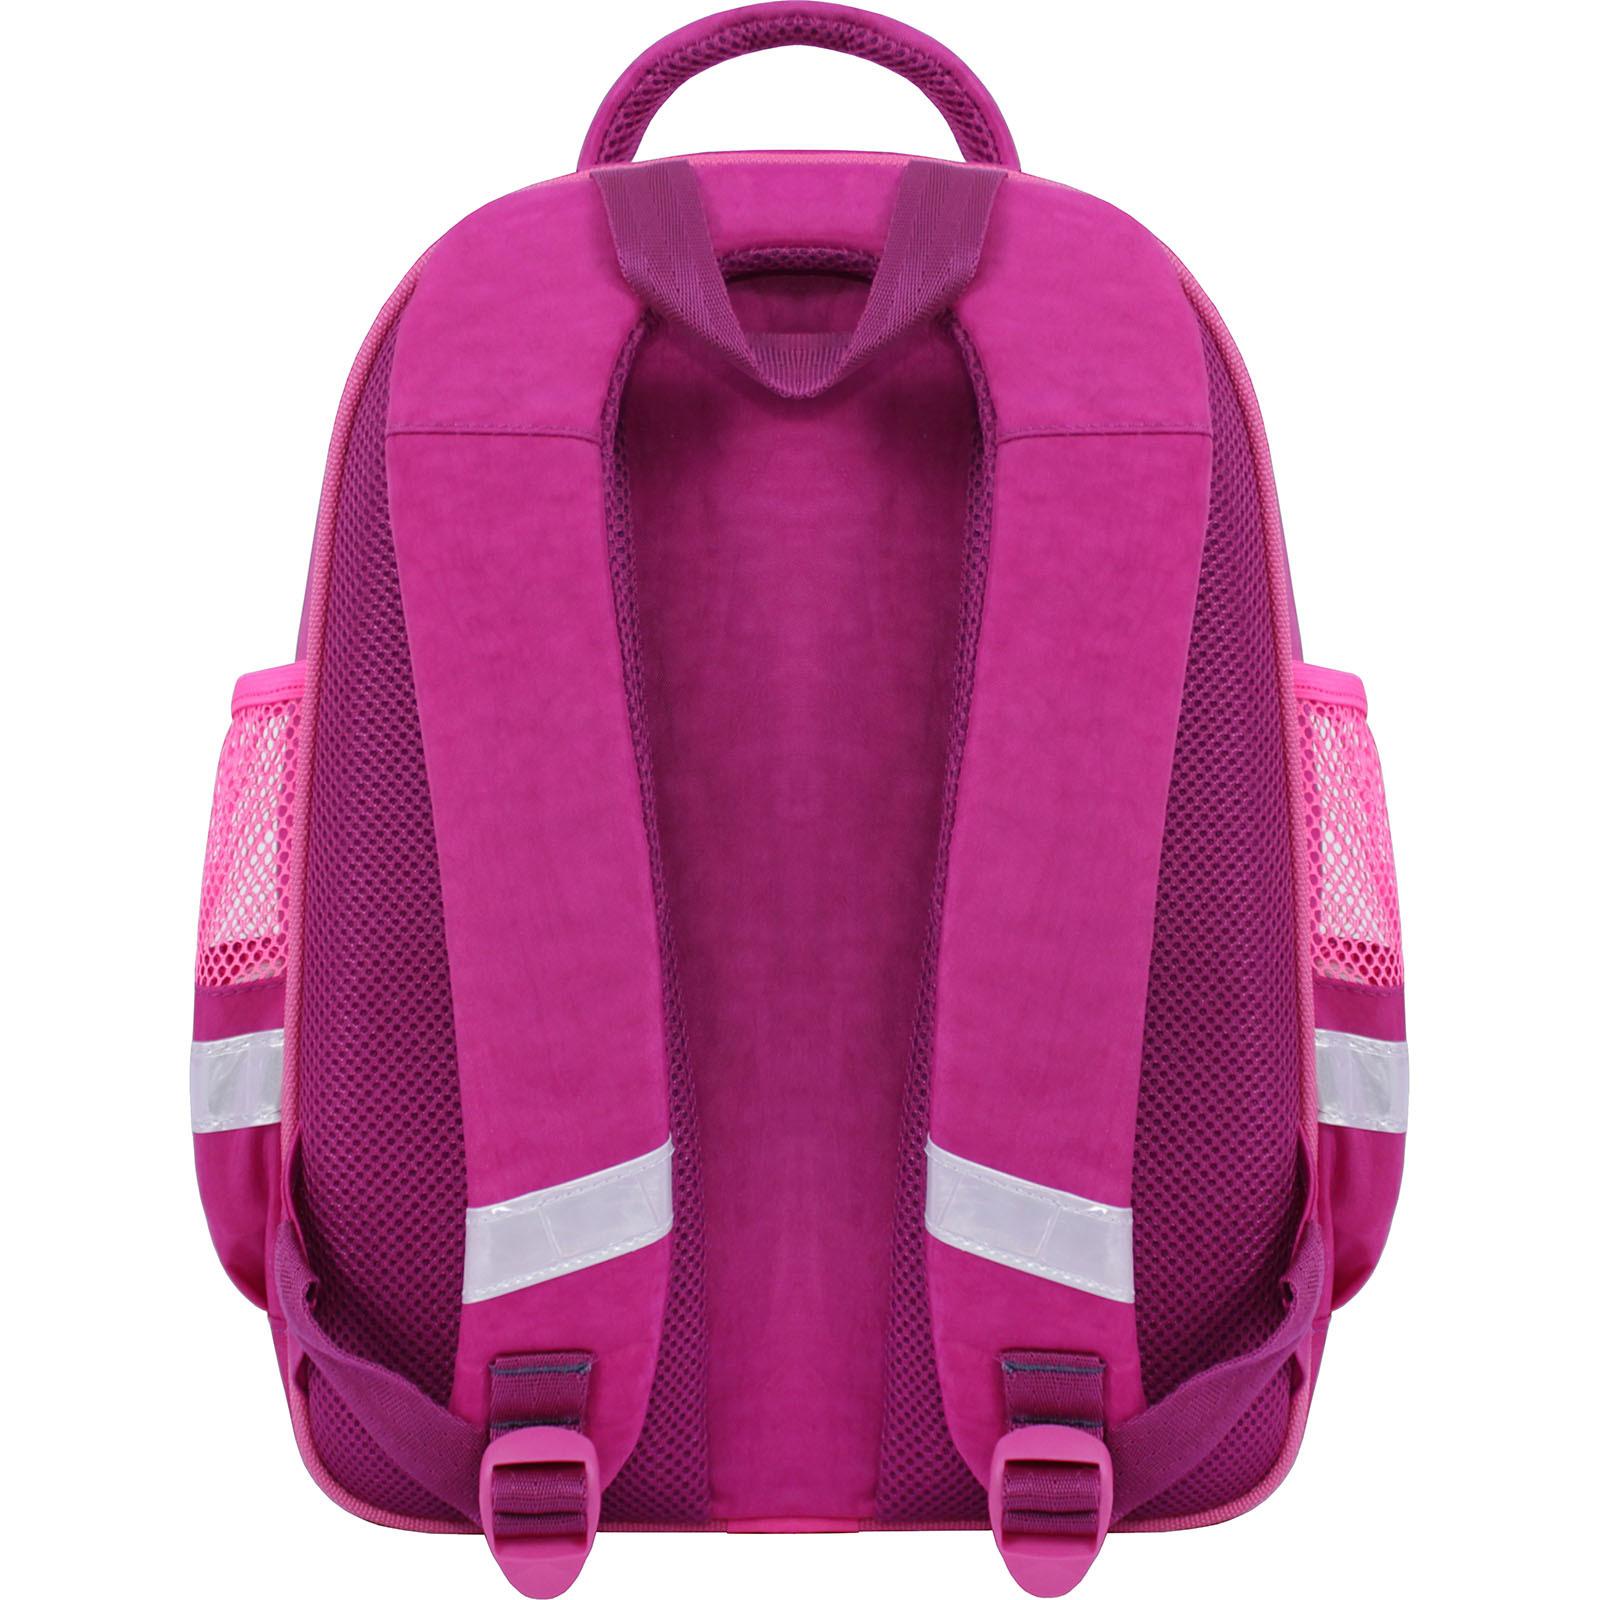 Рюкзак школьный Bagland Mouse 143 малиновый 515 (0051370) фото 3